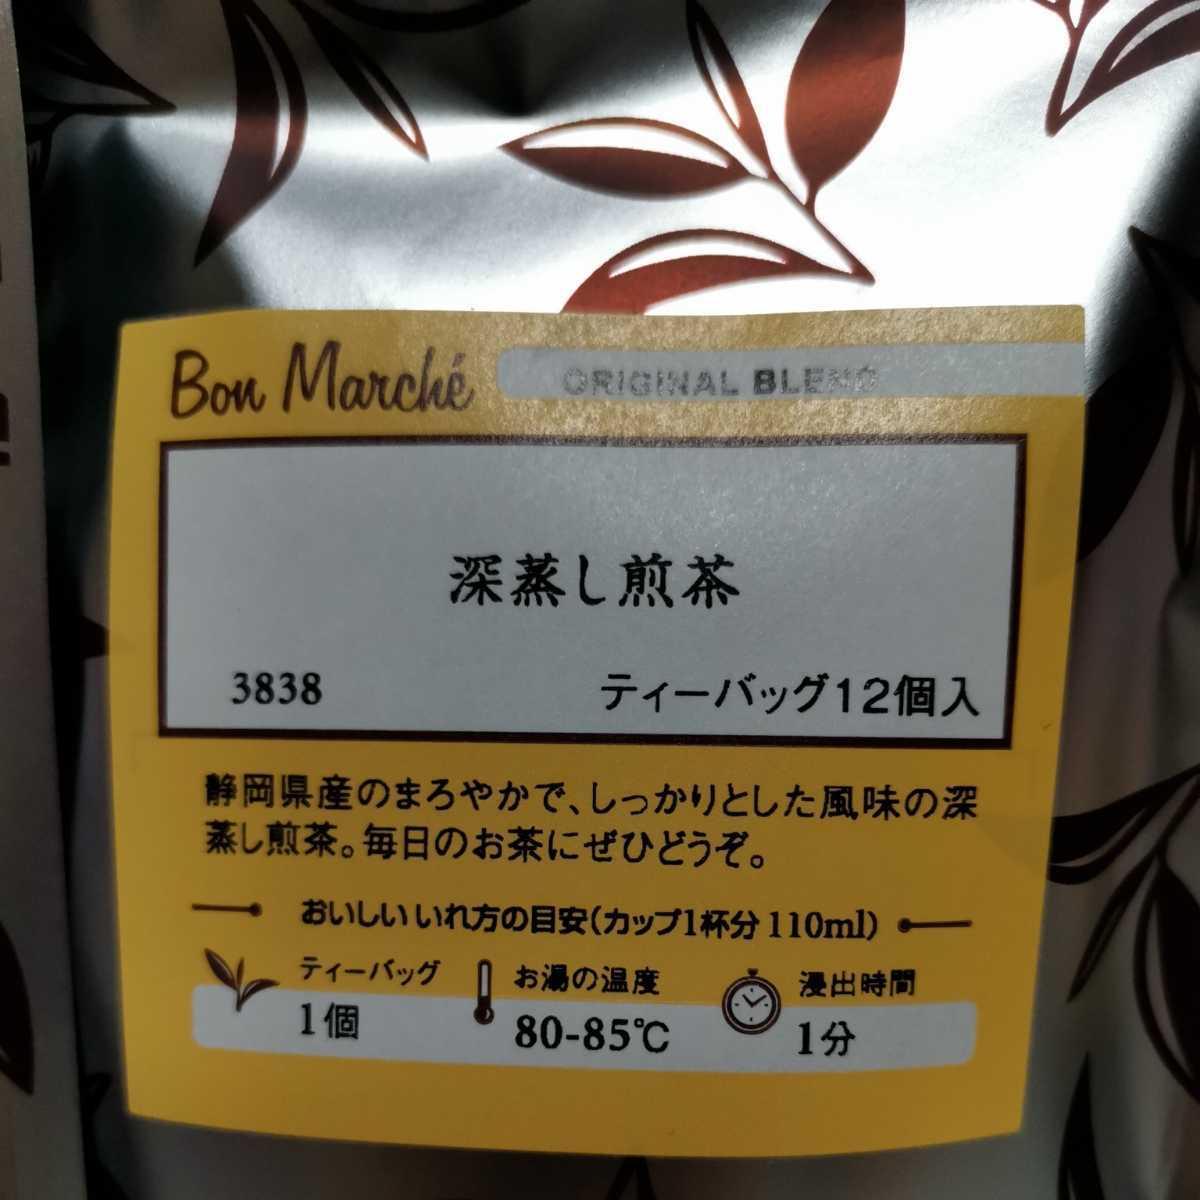 ルピシア フレーバーティー 4種類セット ティーバッグ エトワールロゼ 深蒸し煎茶 アールグレイ ルイボスティー_画像3